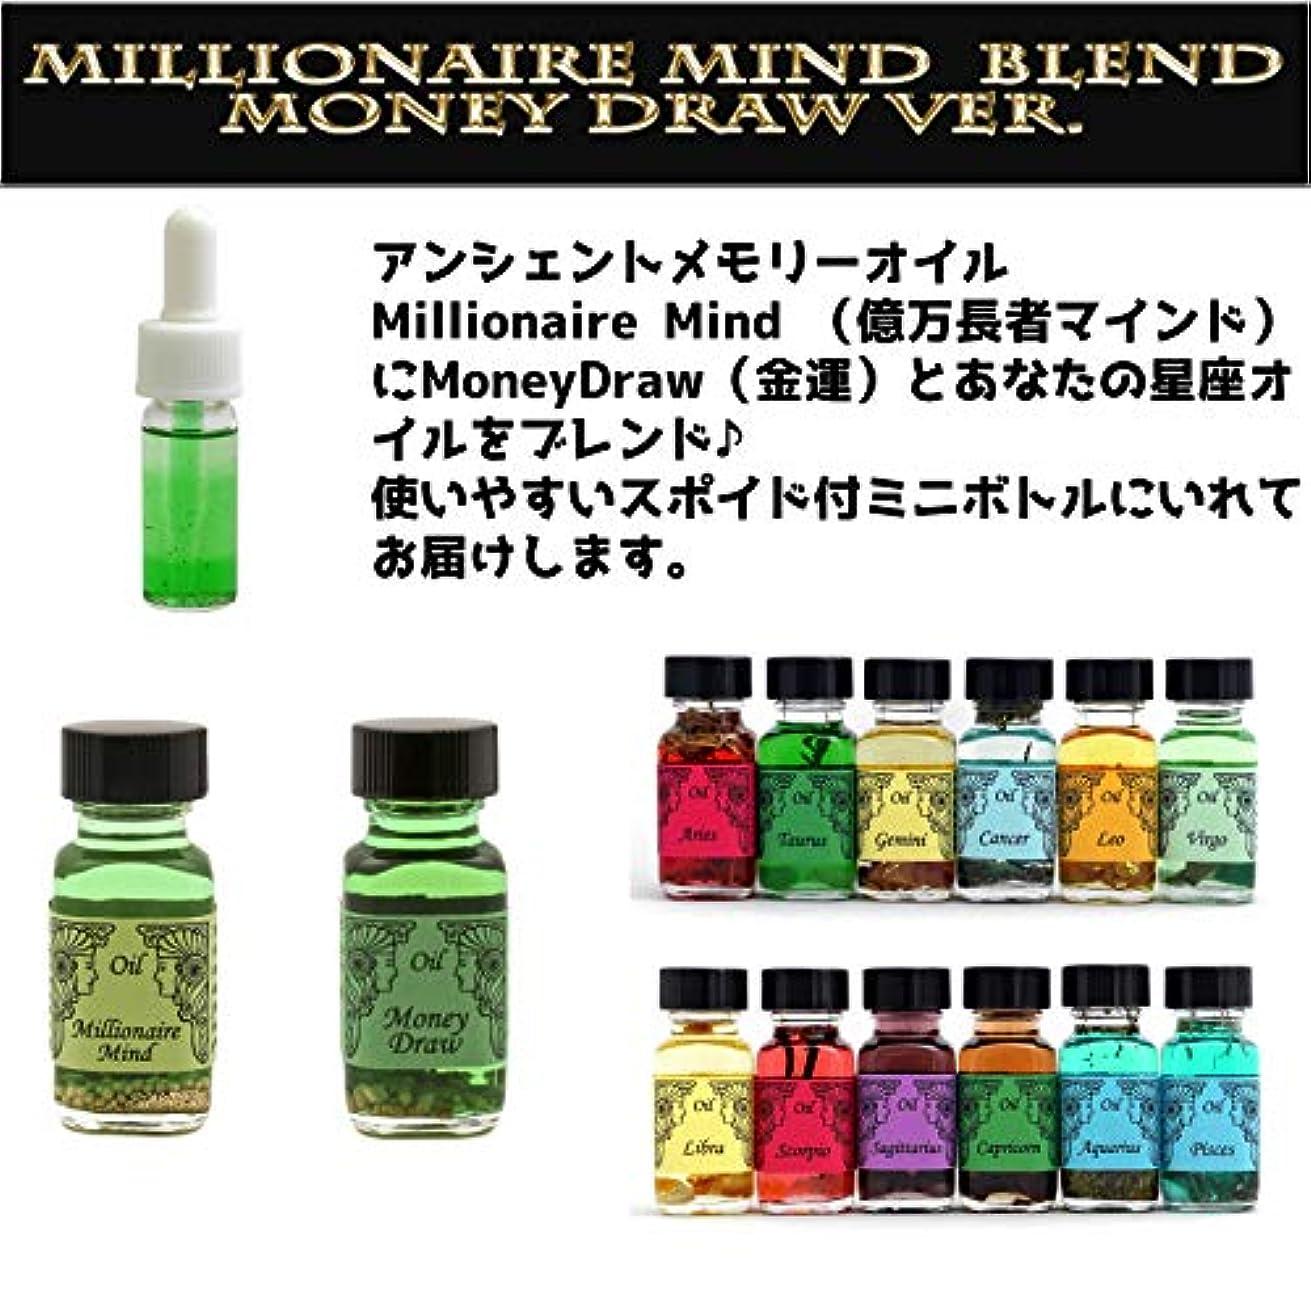 耐久横に冷えるアンシェントメモリーオイル Millionaire Mind 億万長者マインド ブレンド(Money Drawマネードロー(金運)&ふたご座